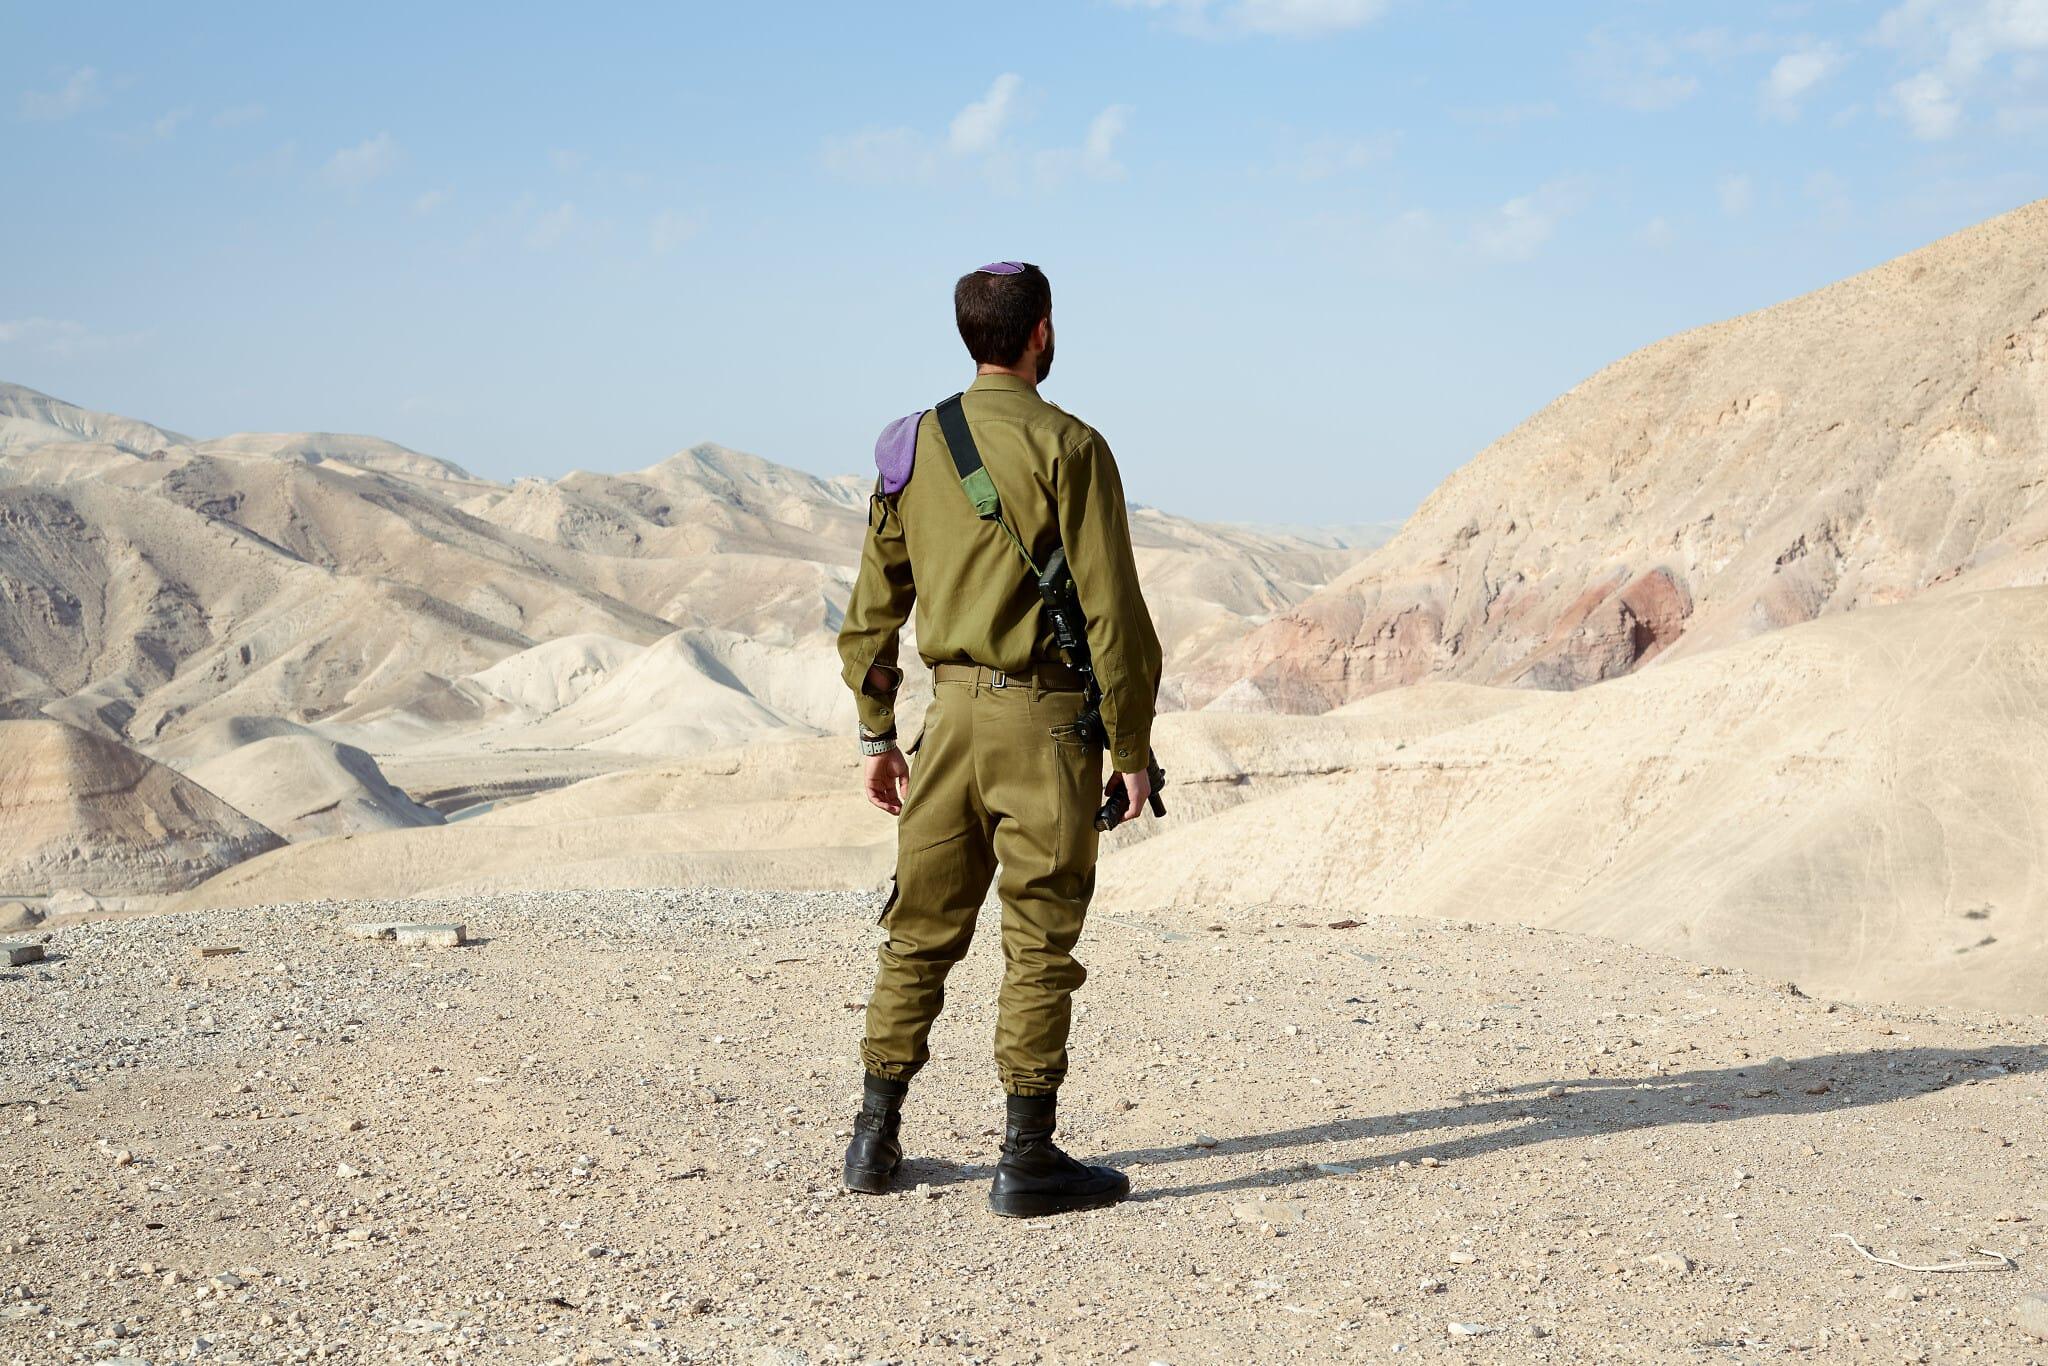 """רפאל, 21, מאנטוורפן, בלגיה. חייל חי""""ר (צילום: ברנט סלומוביץ')"""